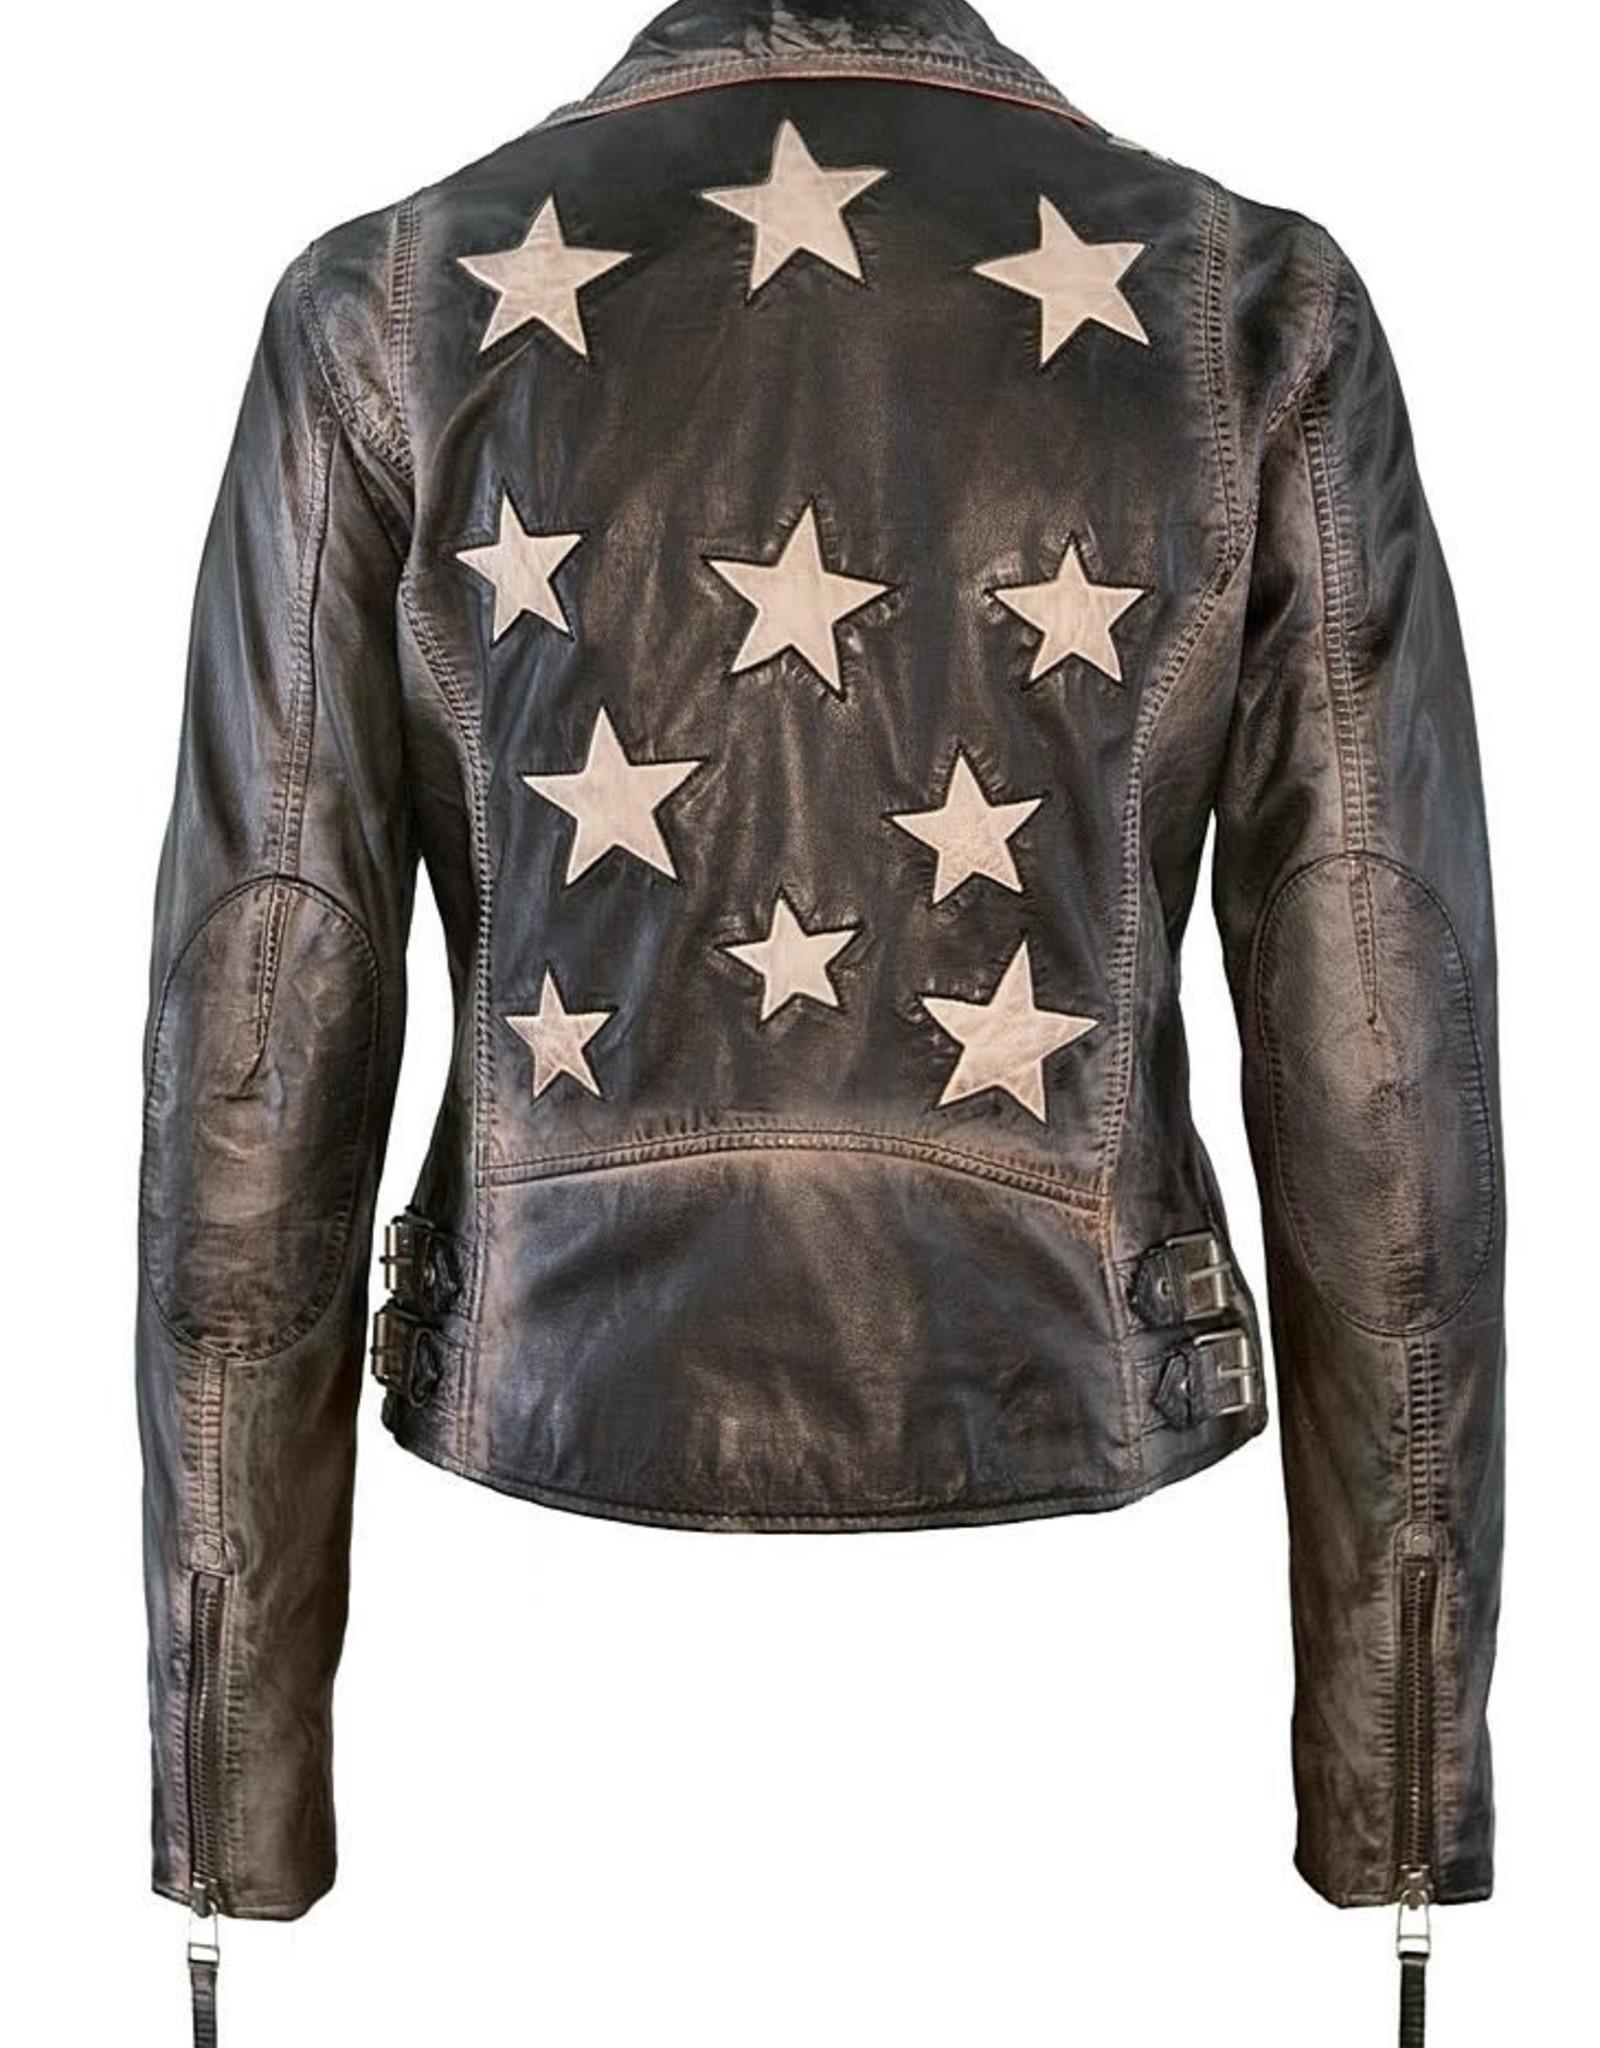 Mauritius  Christy Leather Jacket Vintage Black